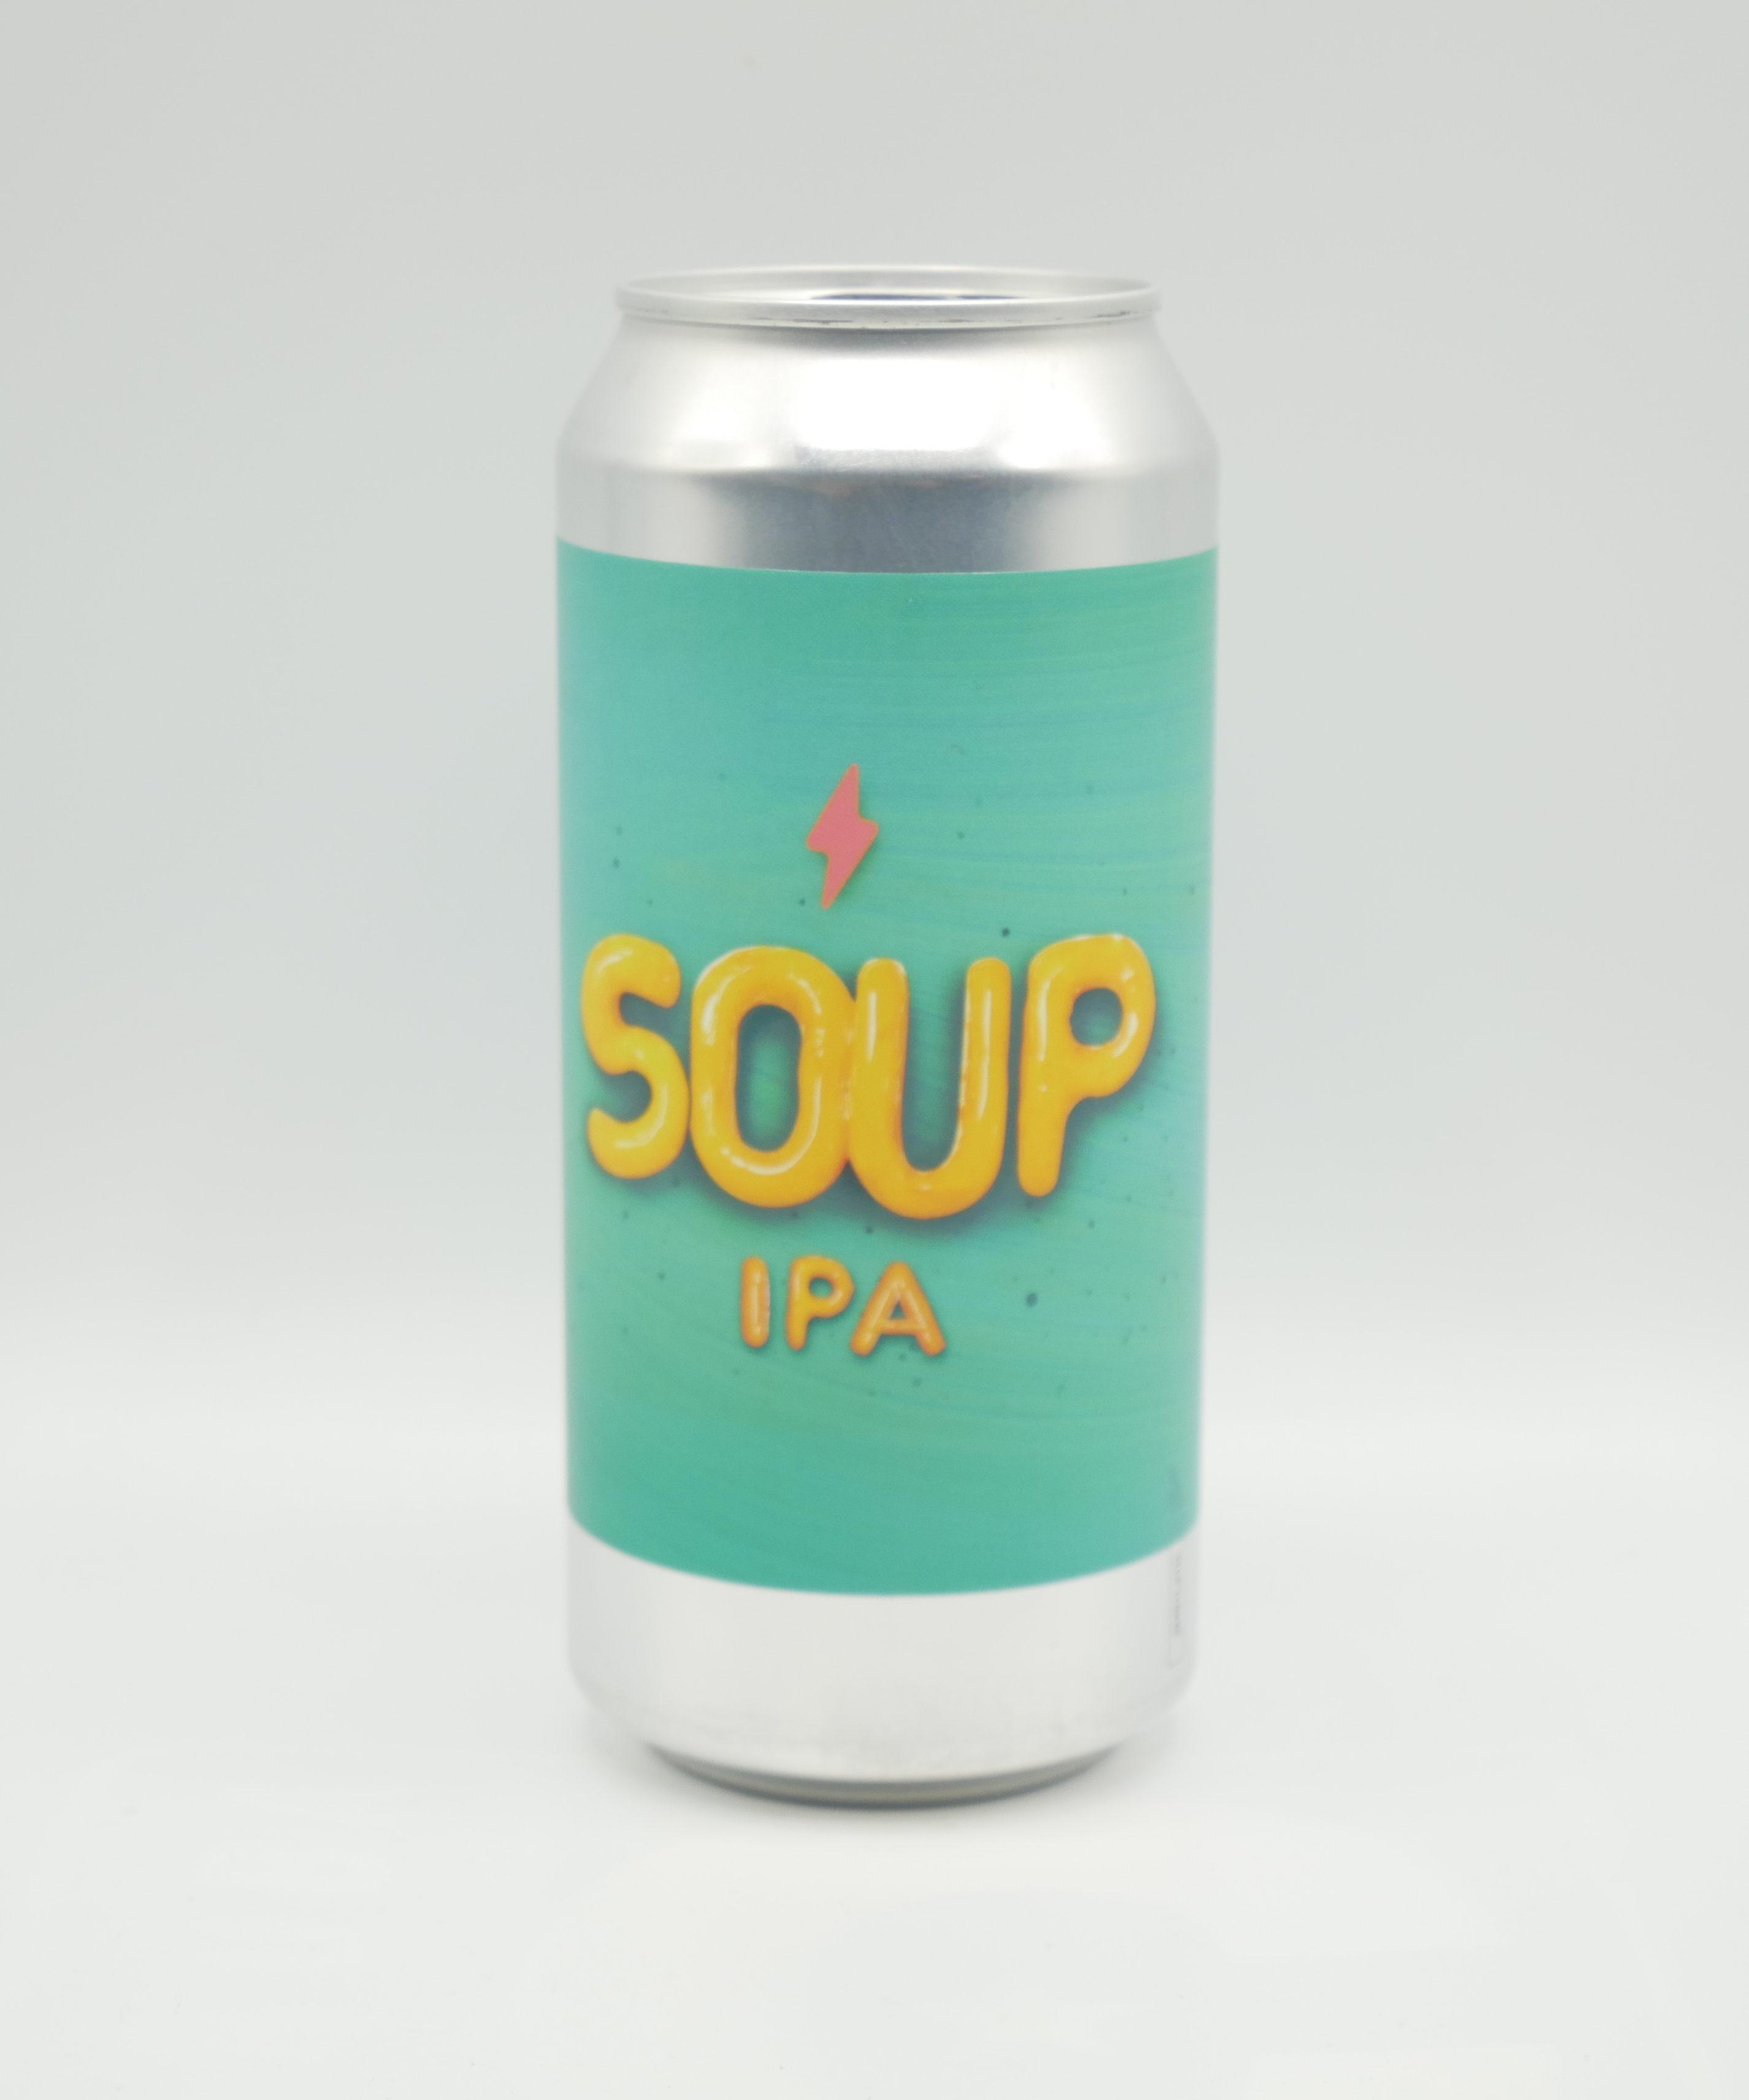 Img Soup